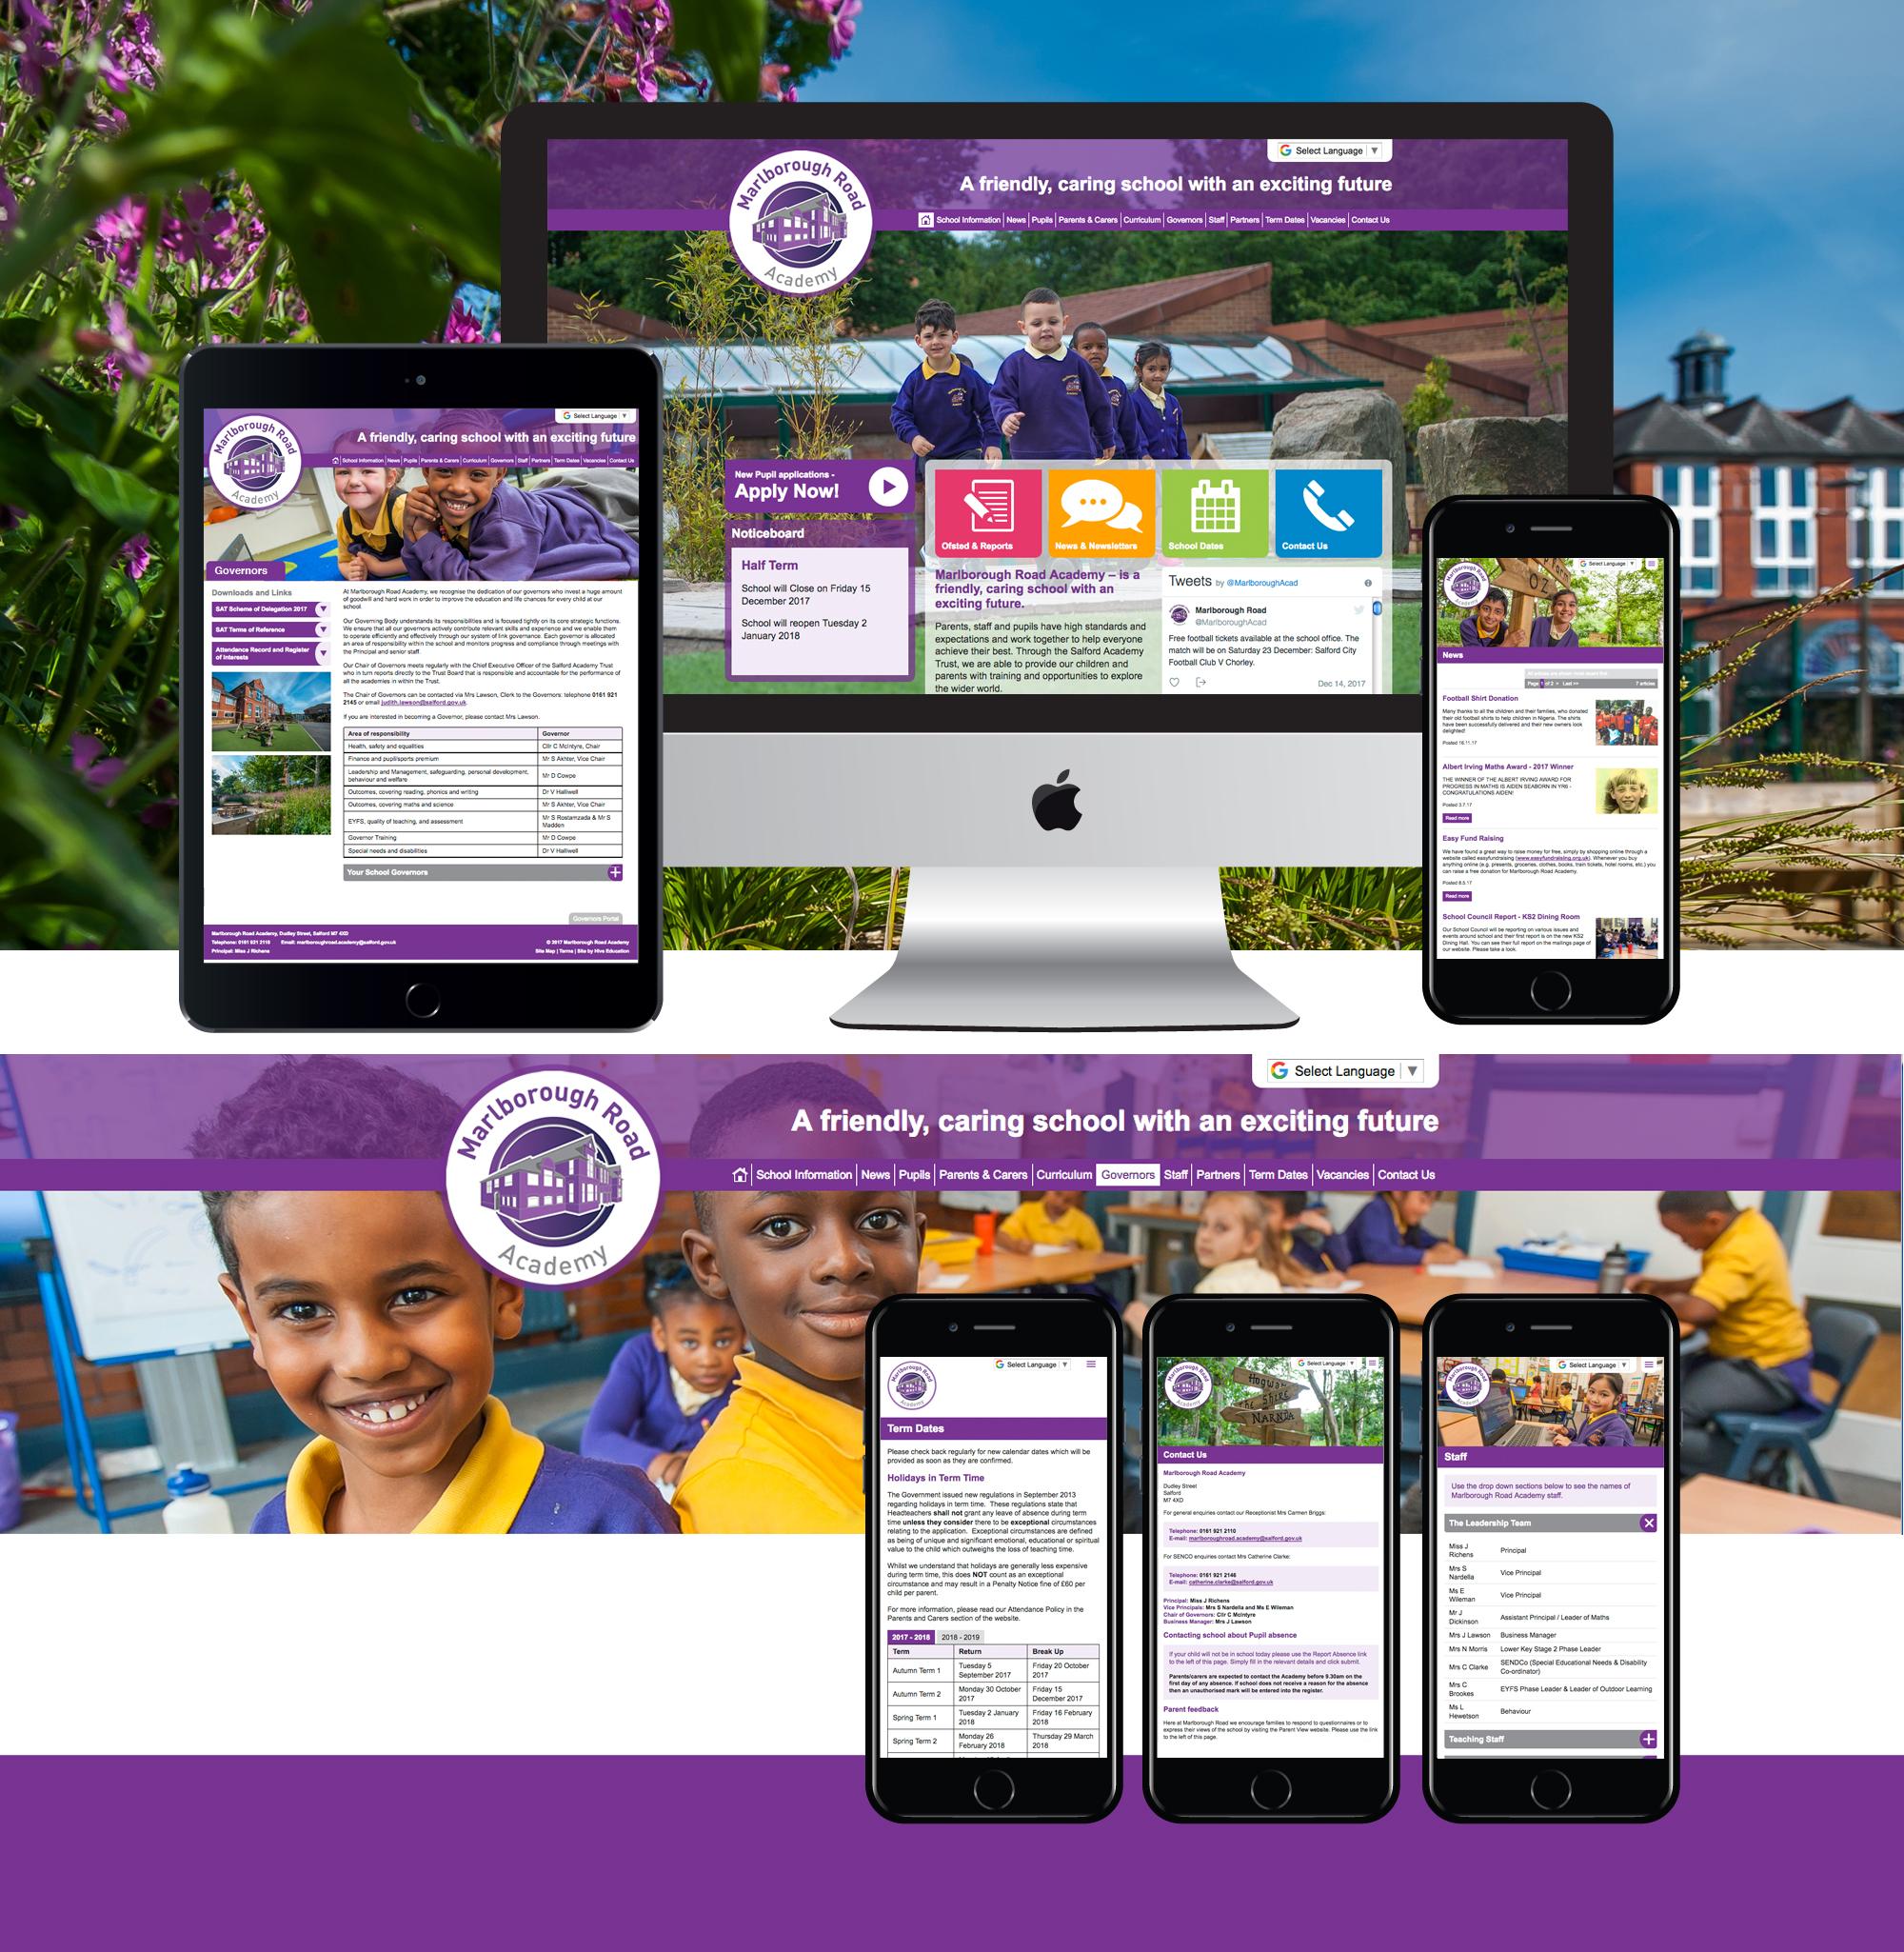 marlborough academy website design